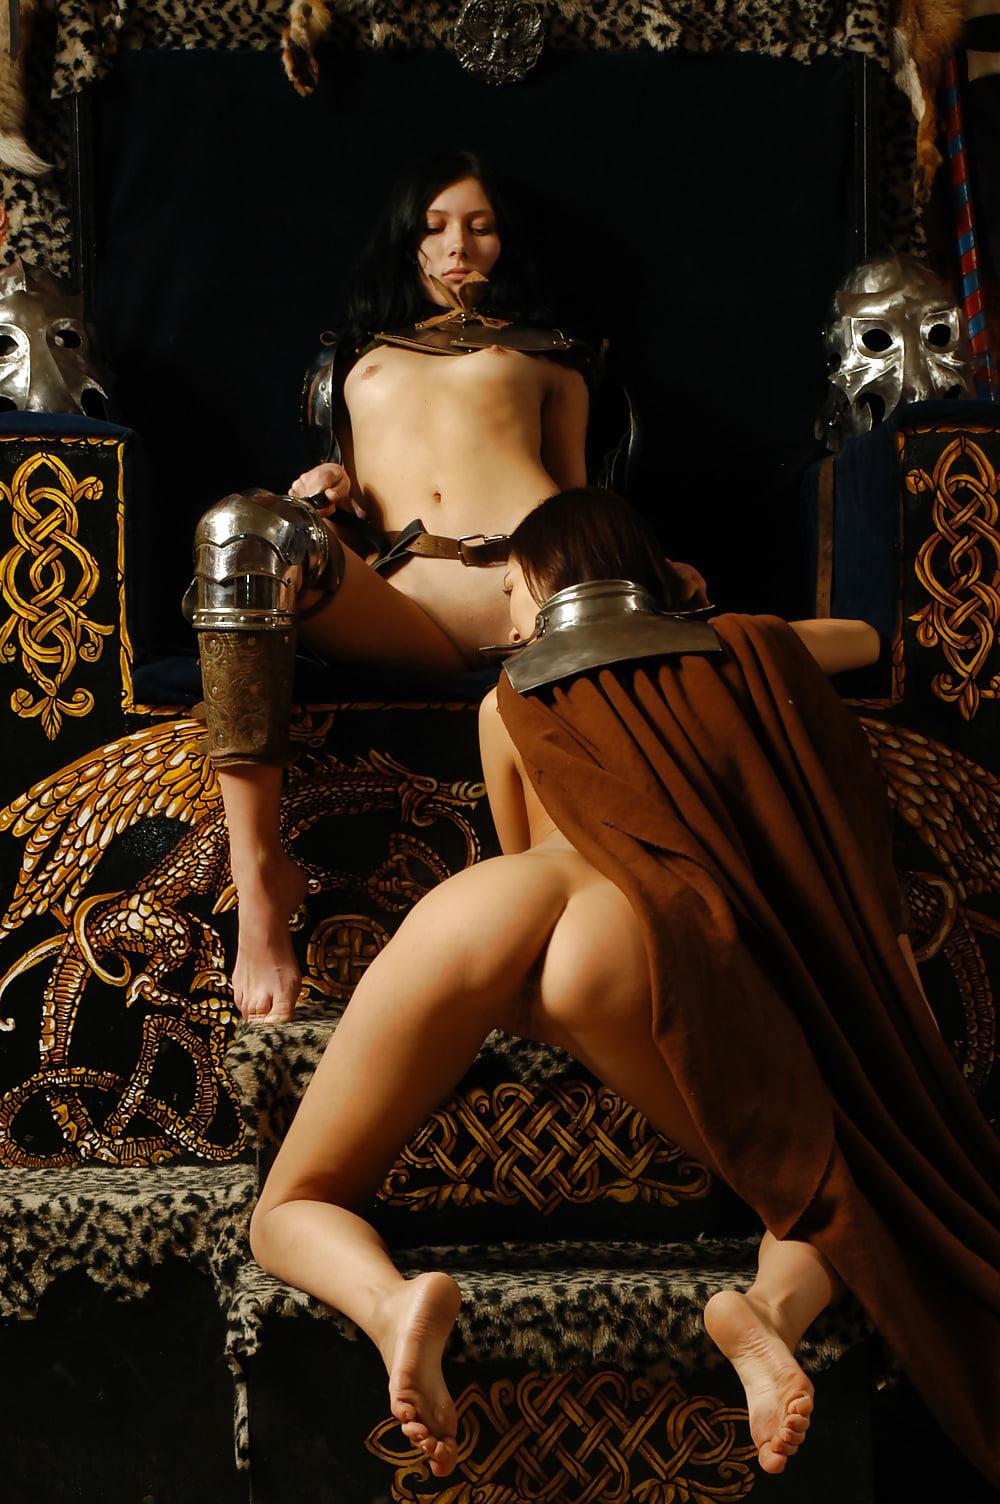 эротика в средневековом антураже - 5